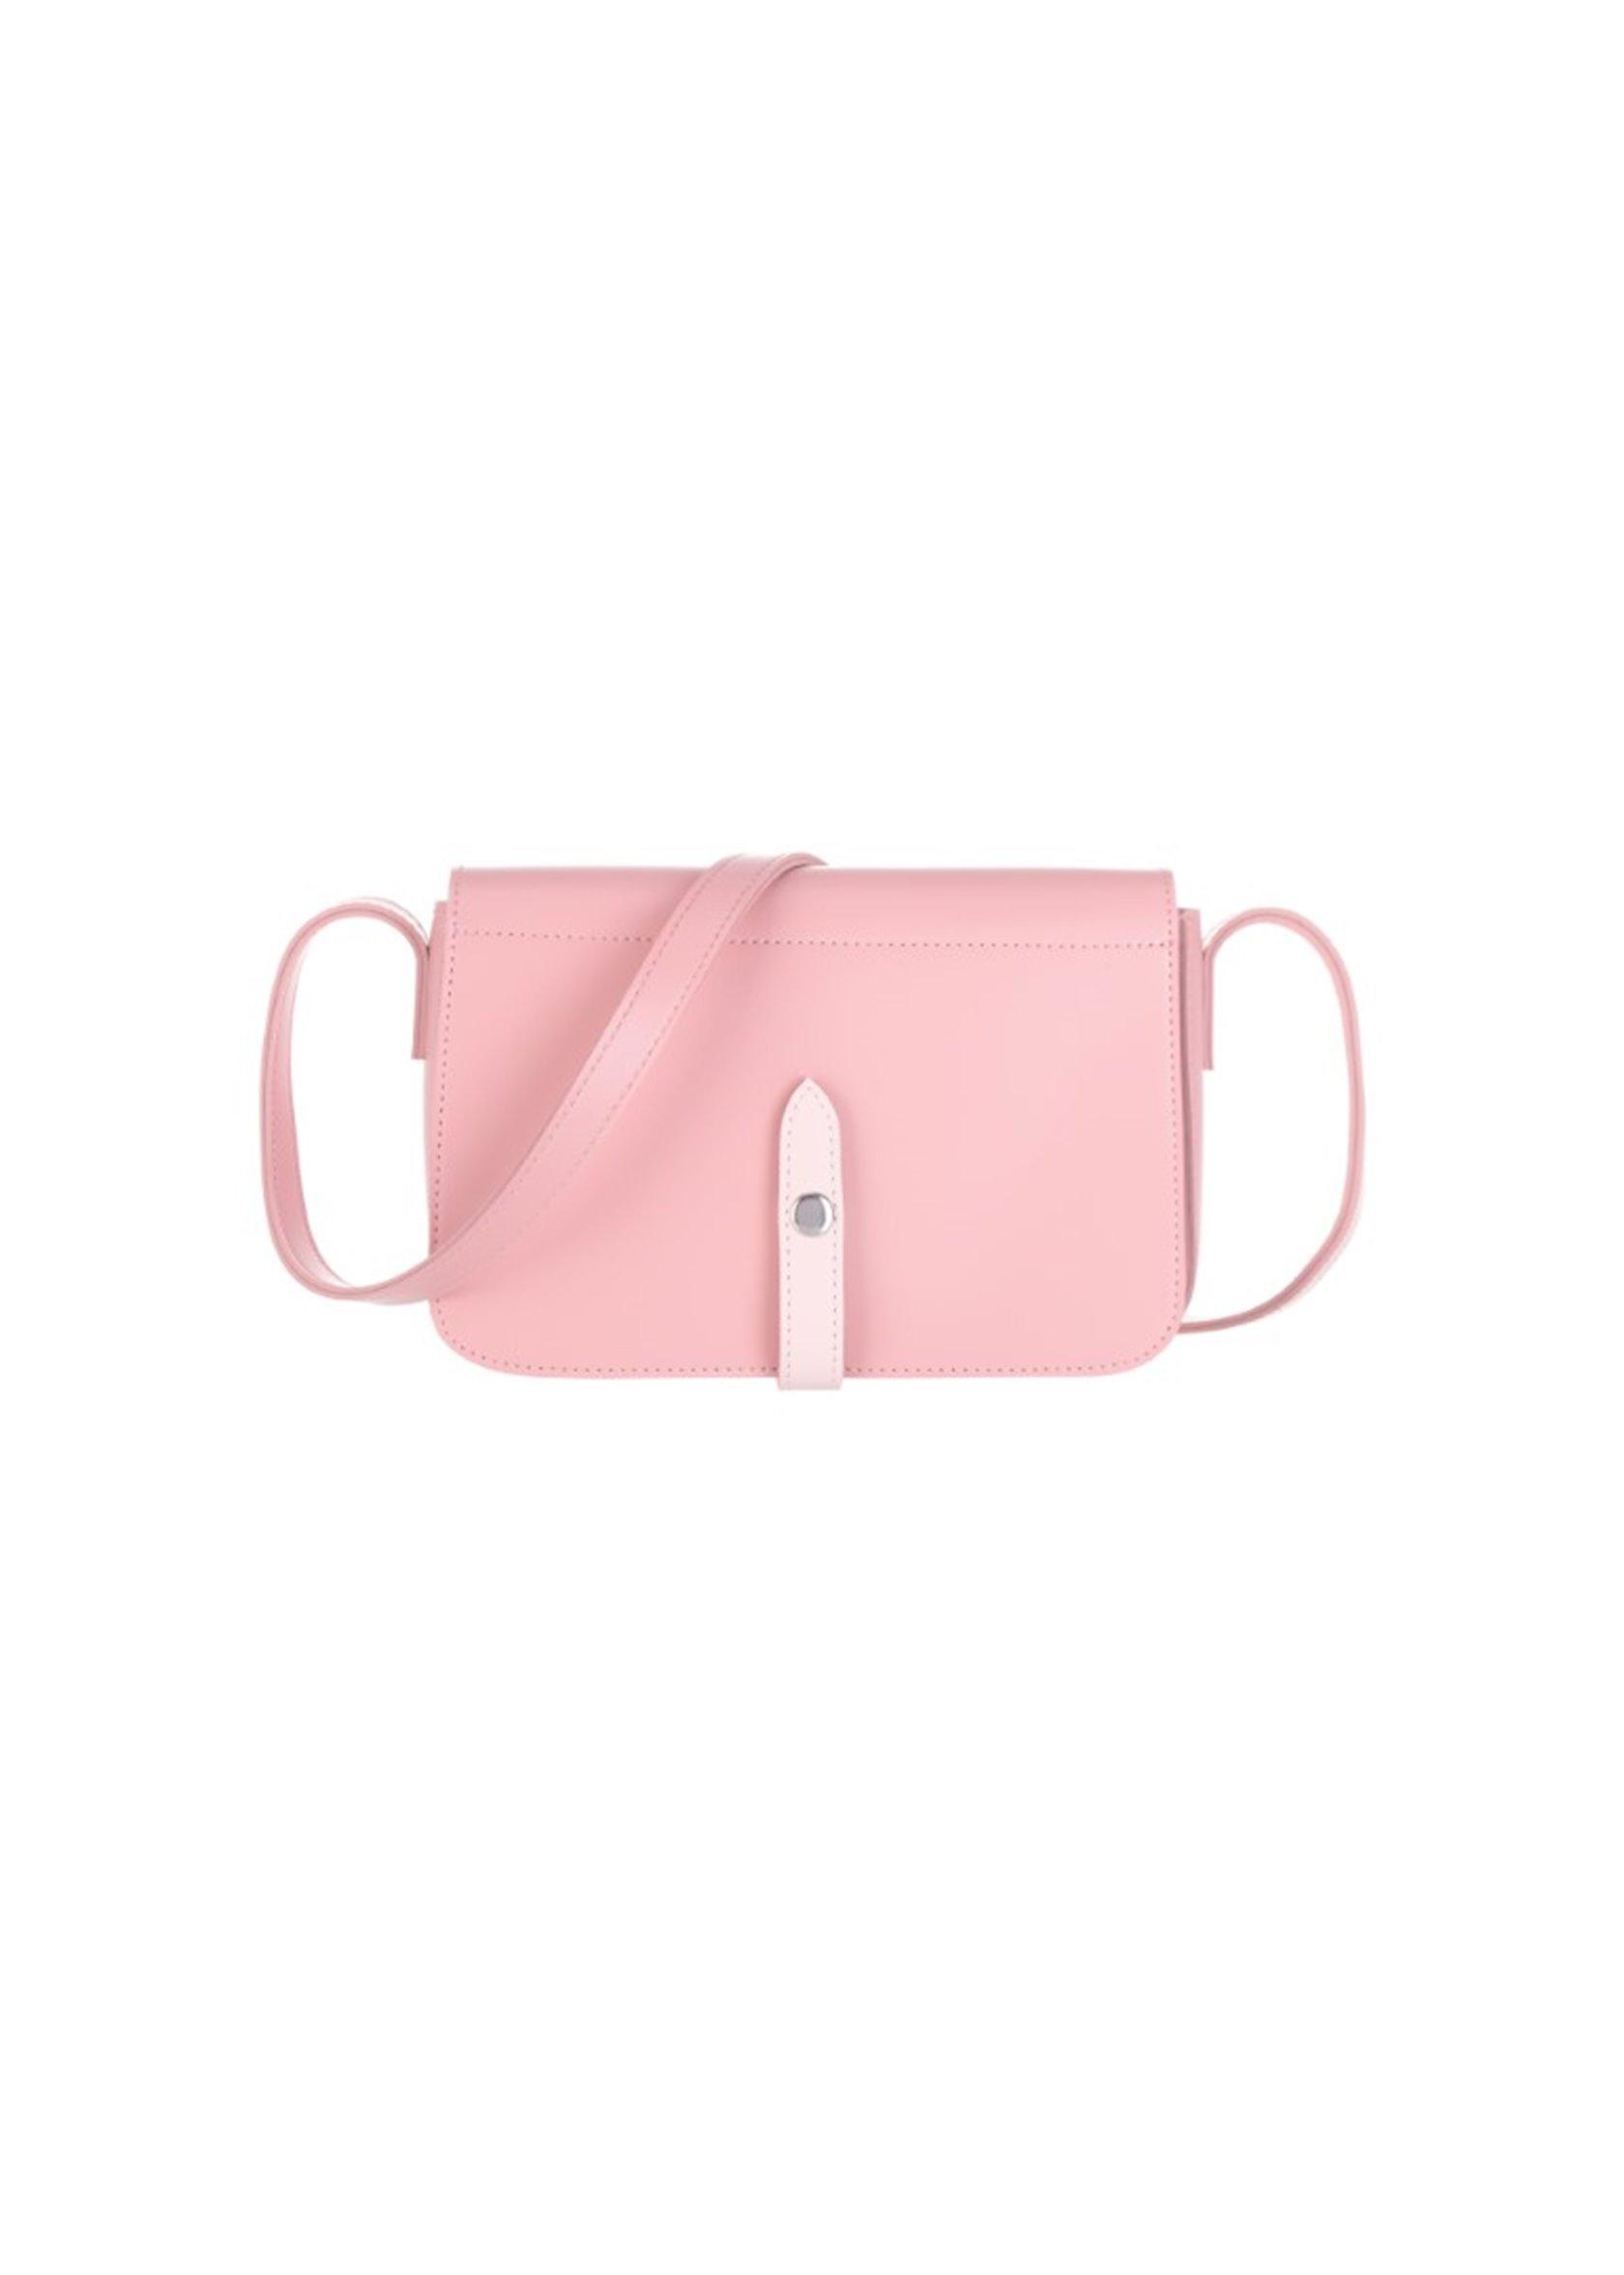 Qadınlar üçün çanta Miniso Simple Crossbody Bag, Pink, çəhrayı